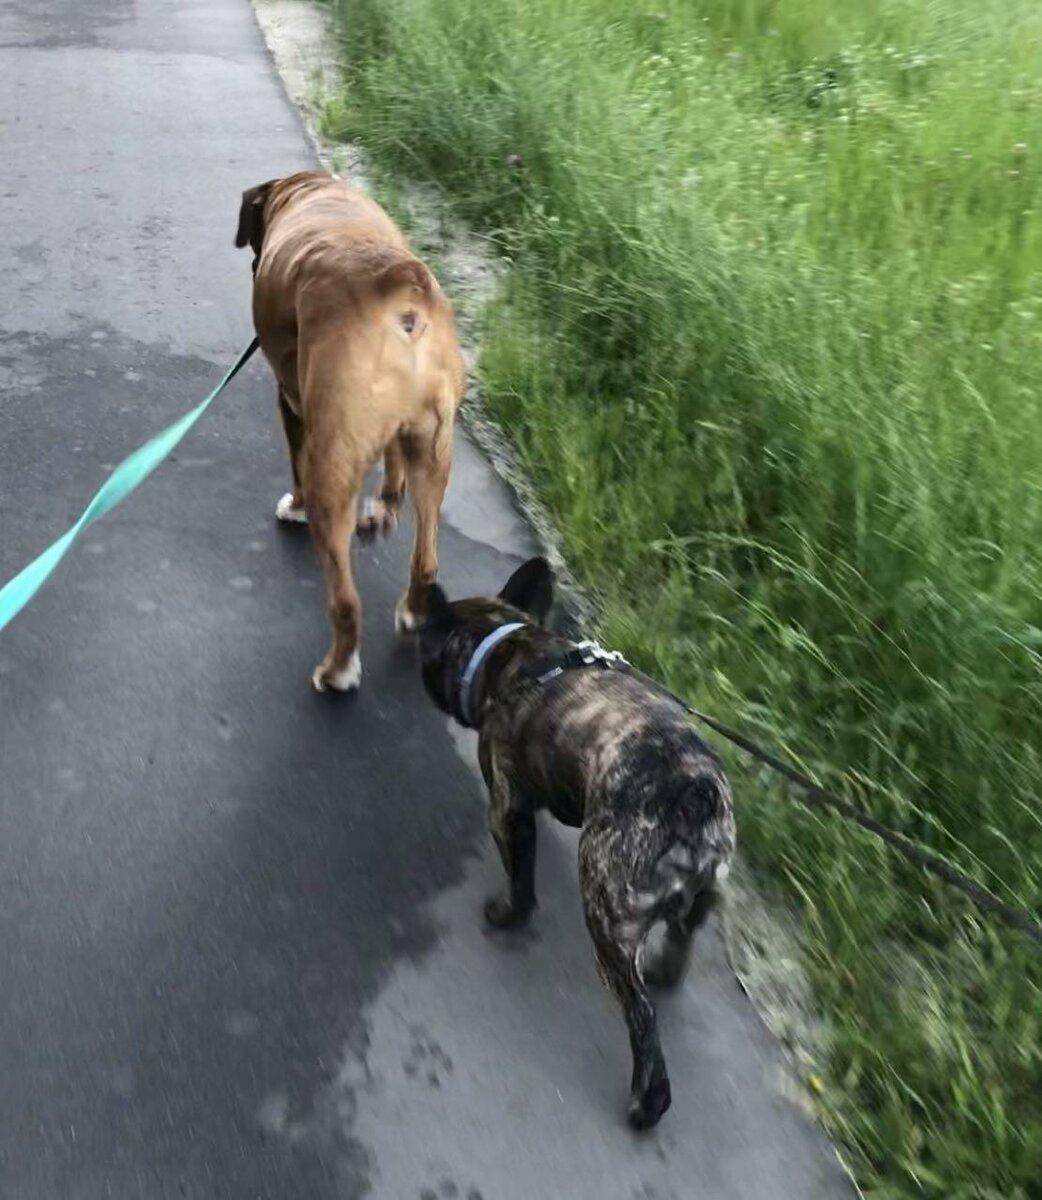 Собаки общаются запахами. Обнюхать друг друга это как прочитать о человеке в интернете или в соцсети. Запах говорит обо всем!